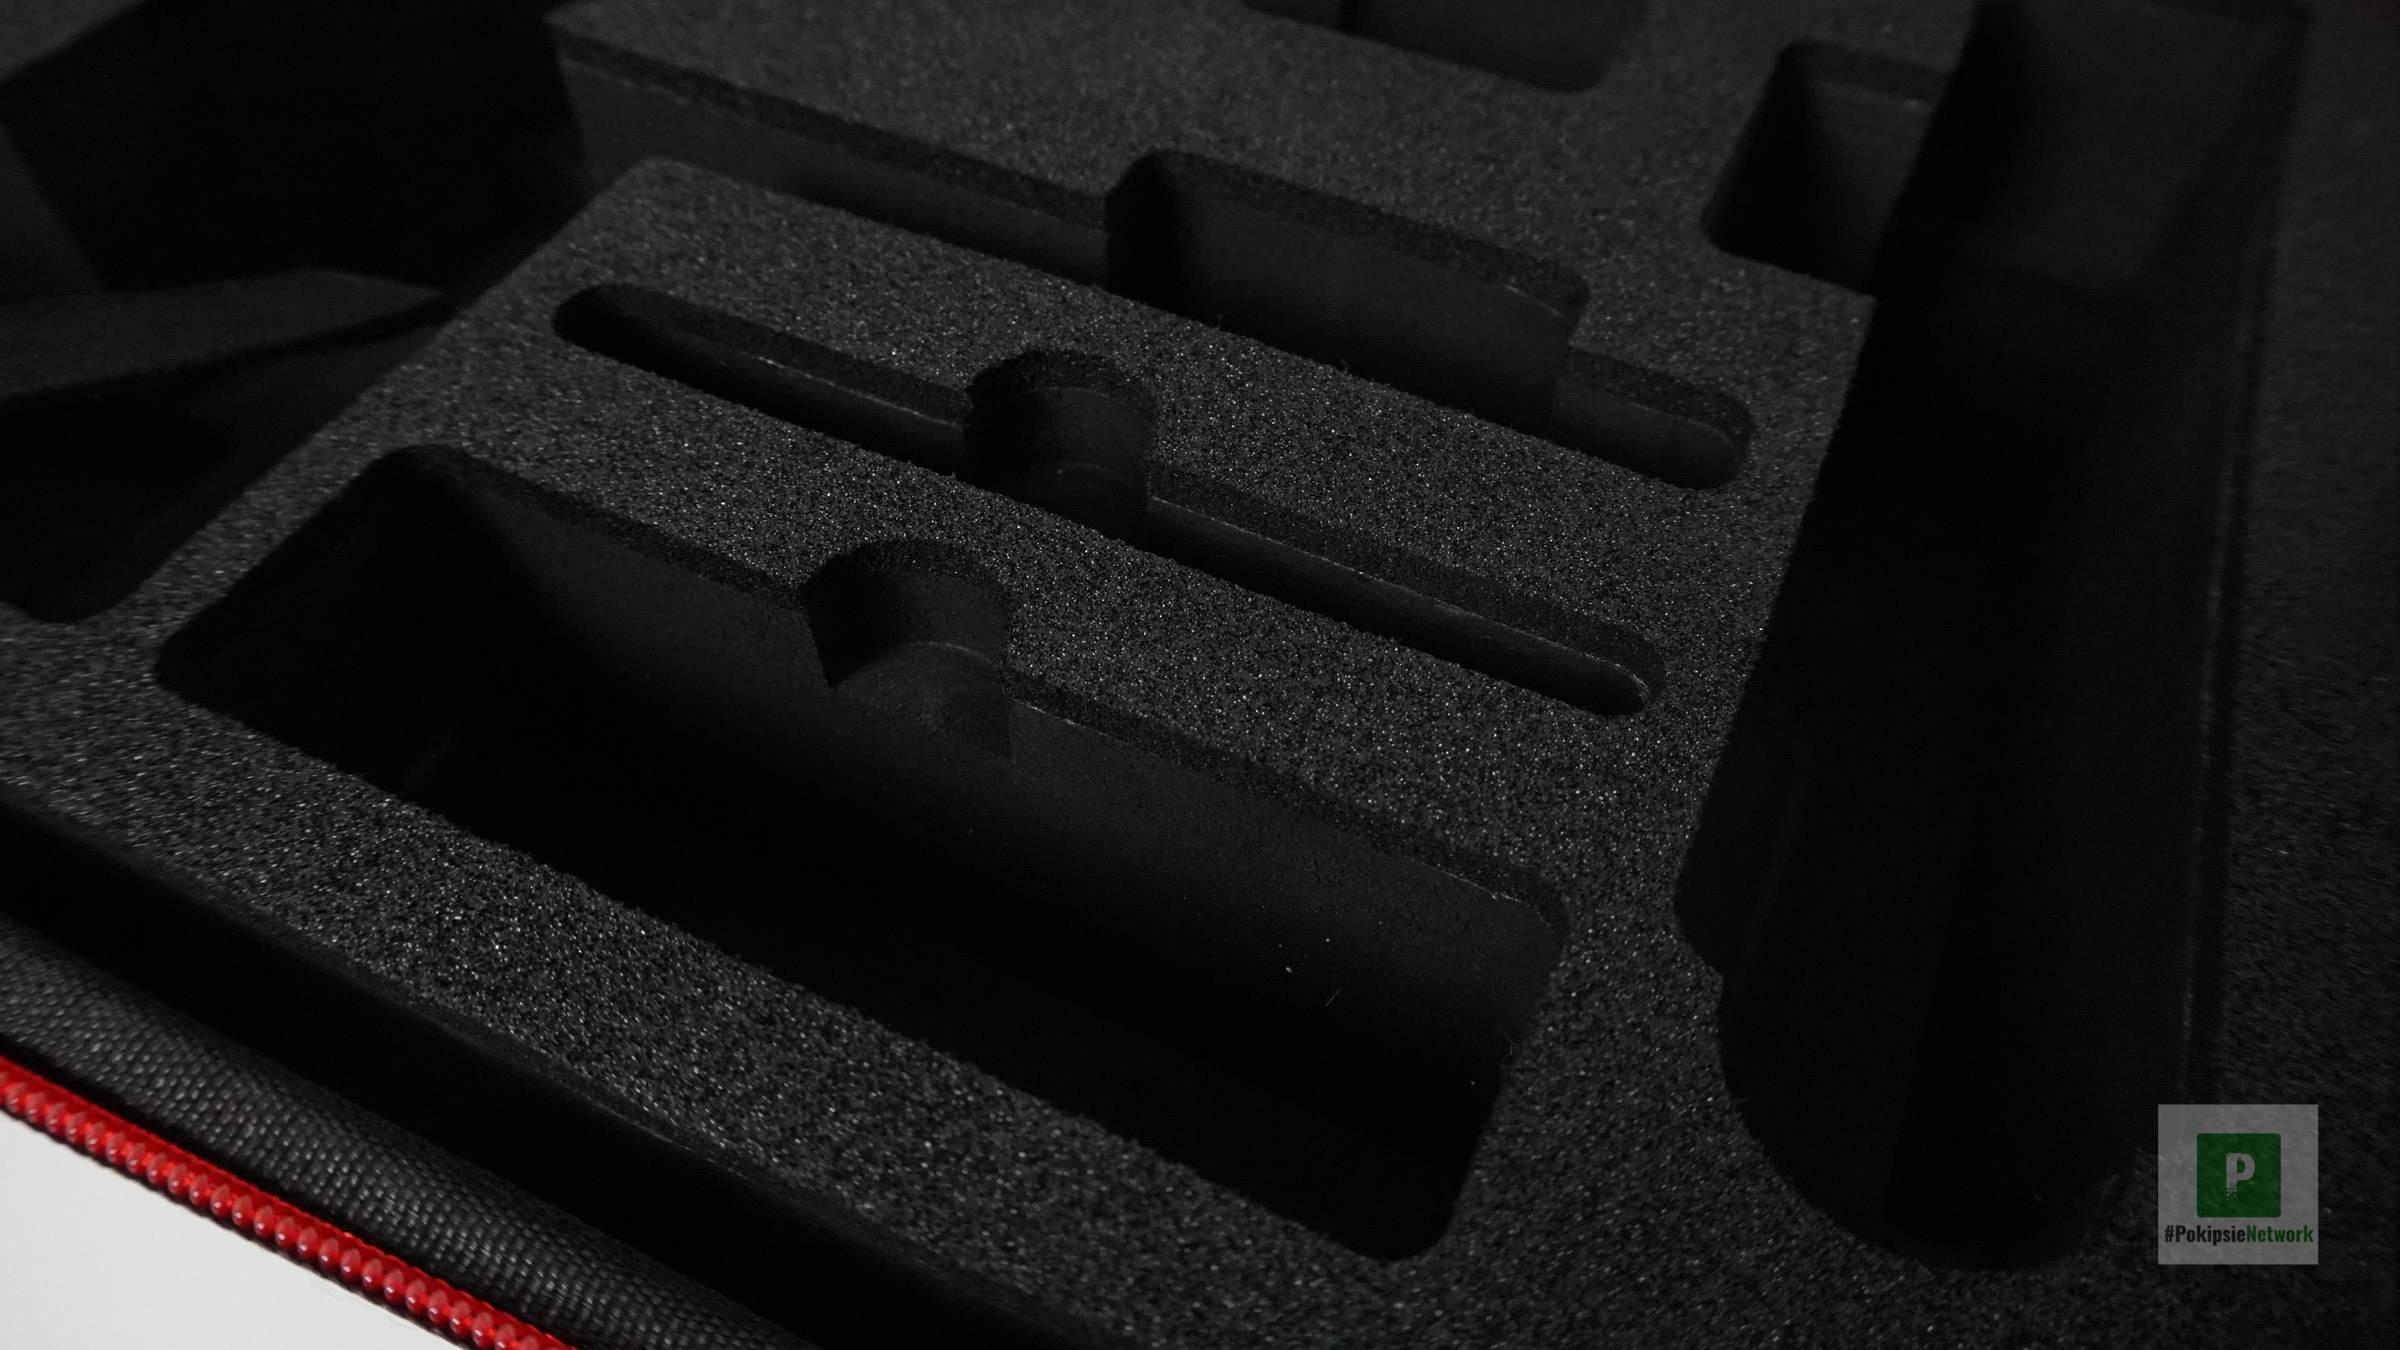 Stabile Aussparungen für die Einzelteile des Gimbals